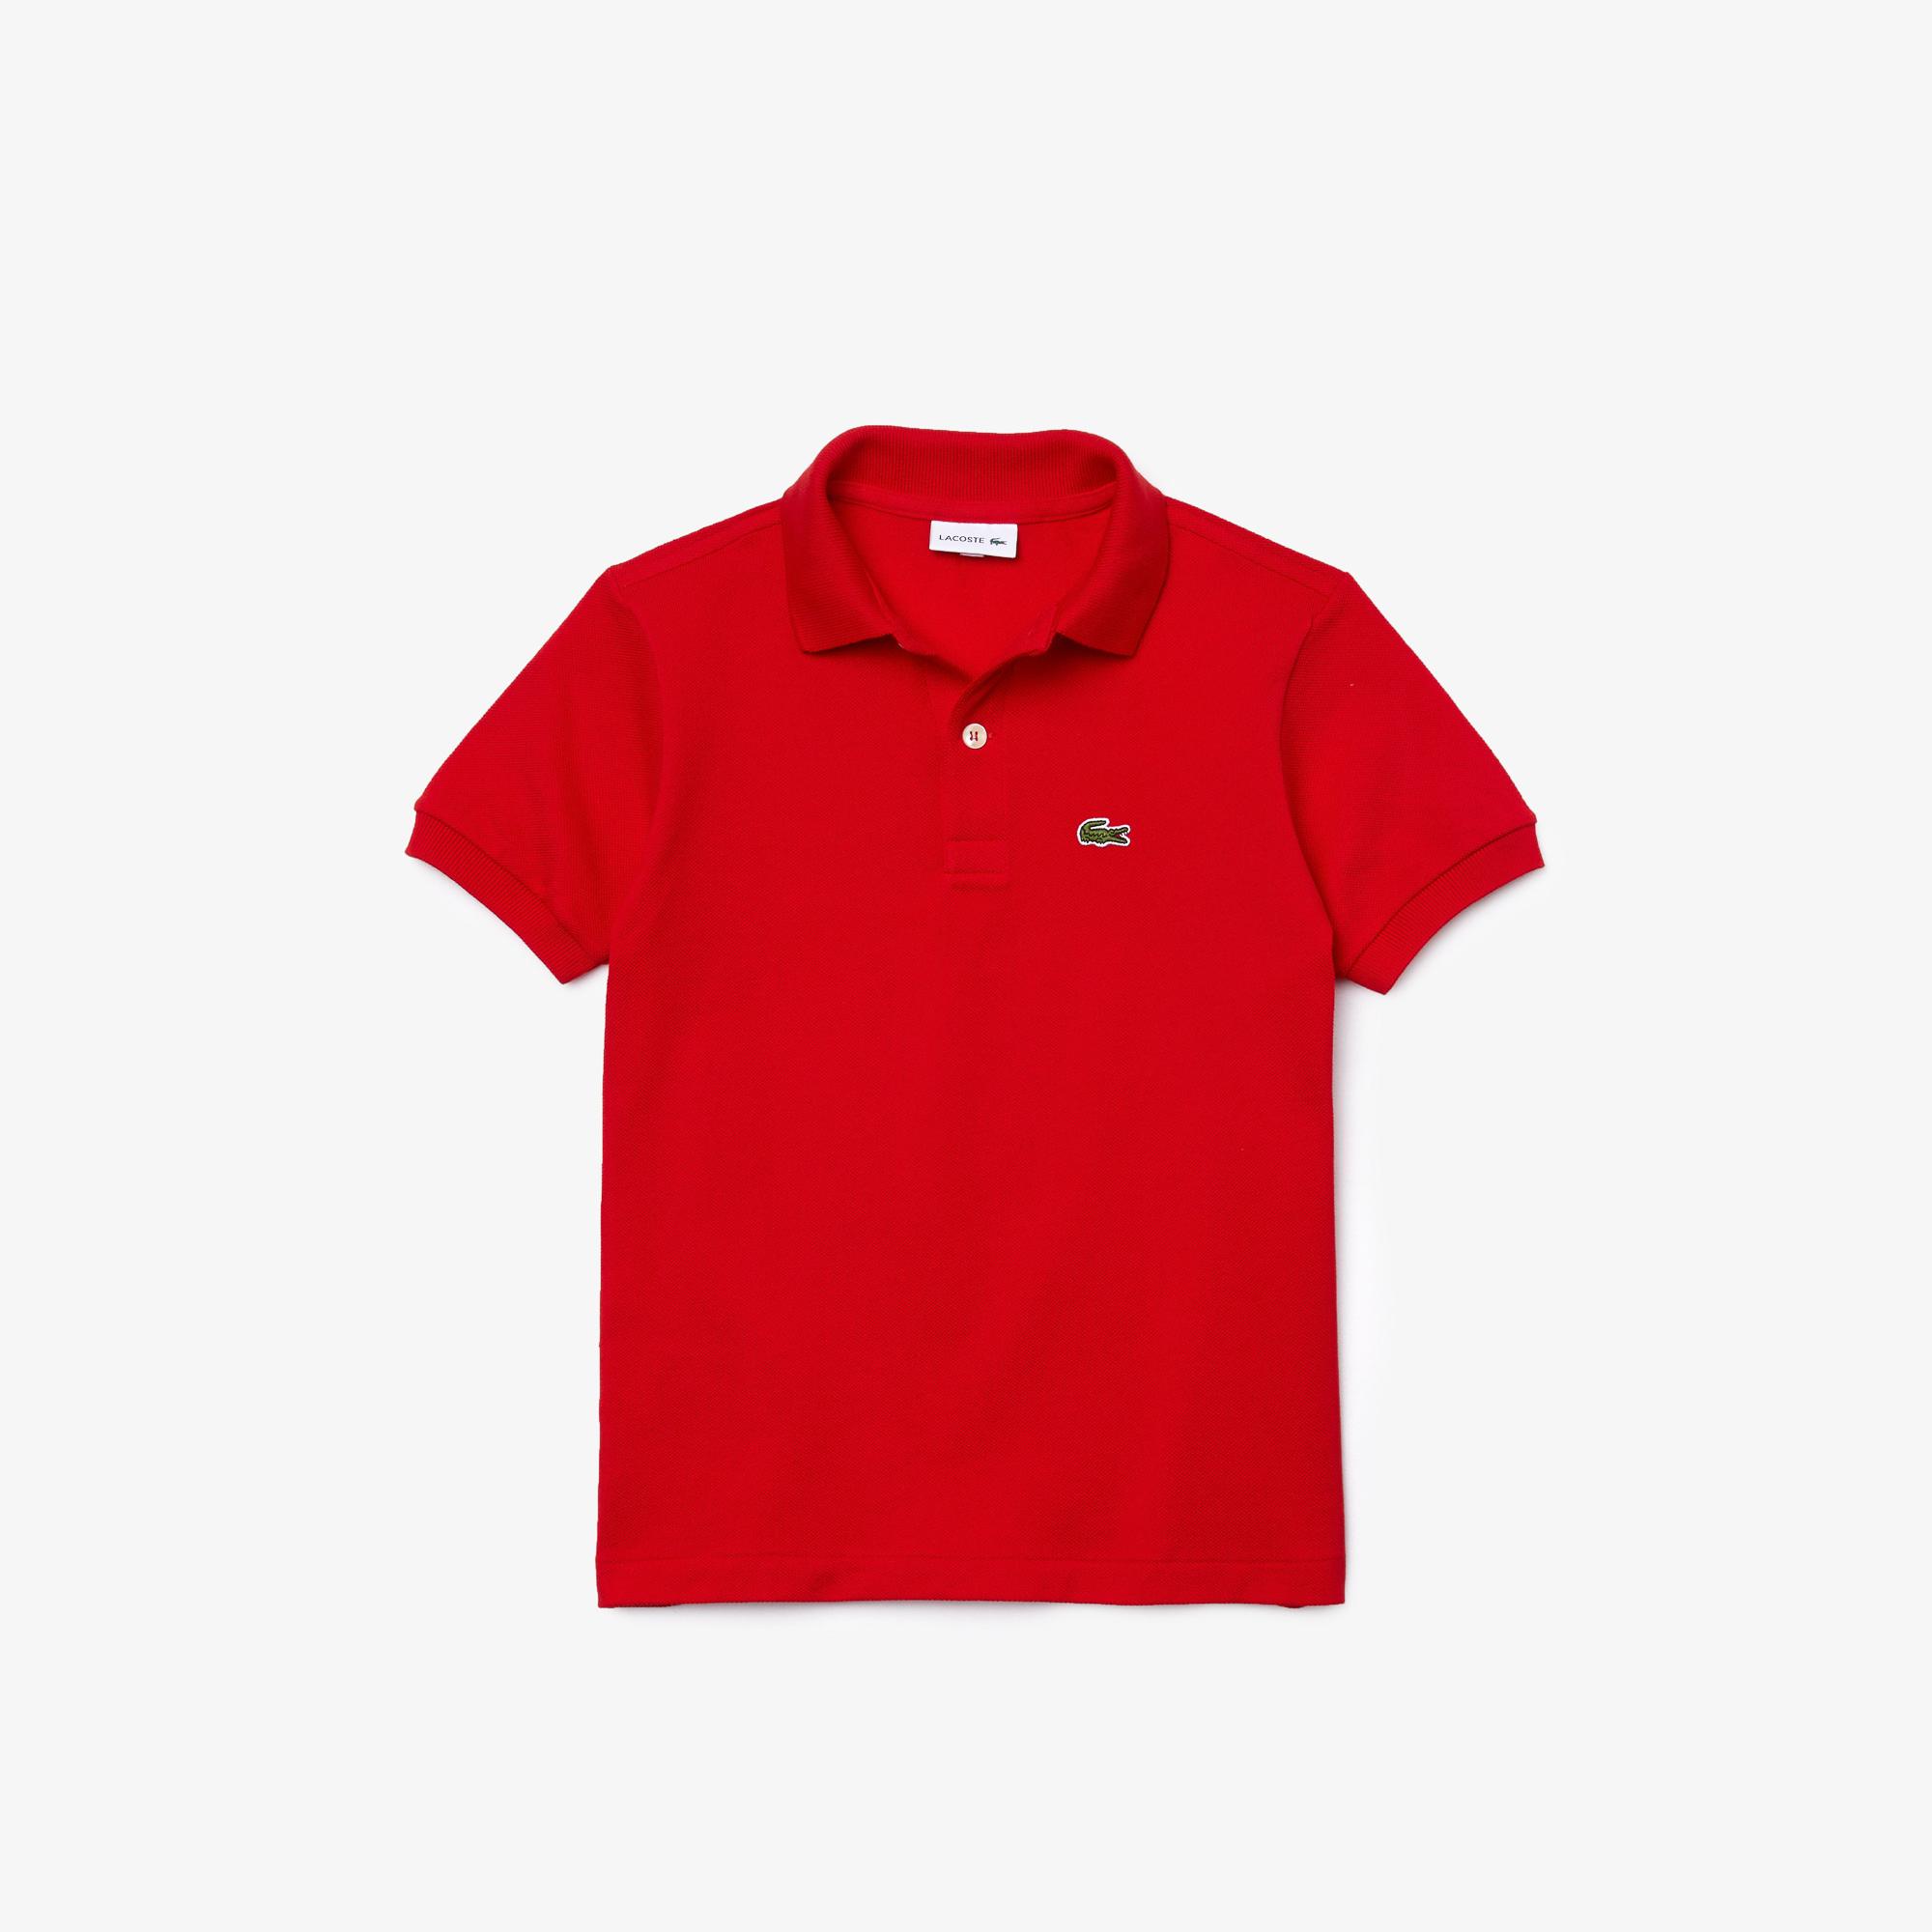 Lacoste Erkek Çocuk Regular Fit Kırmızı Polo